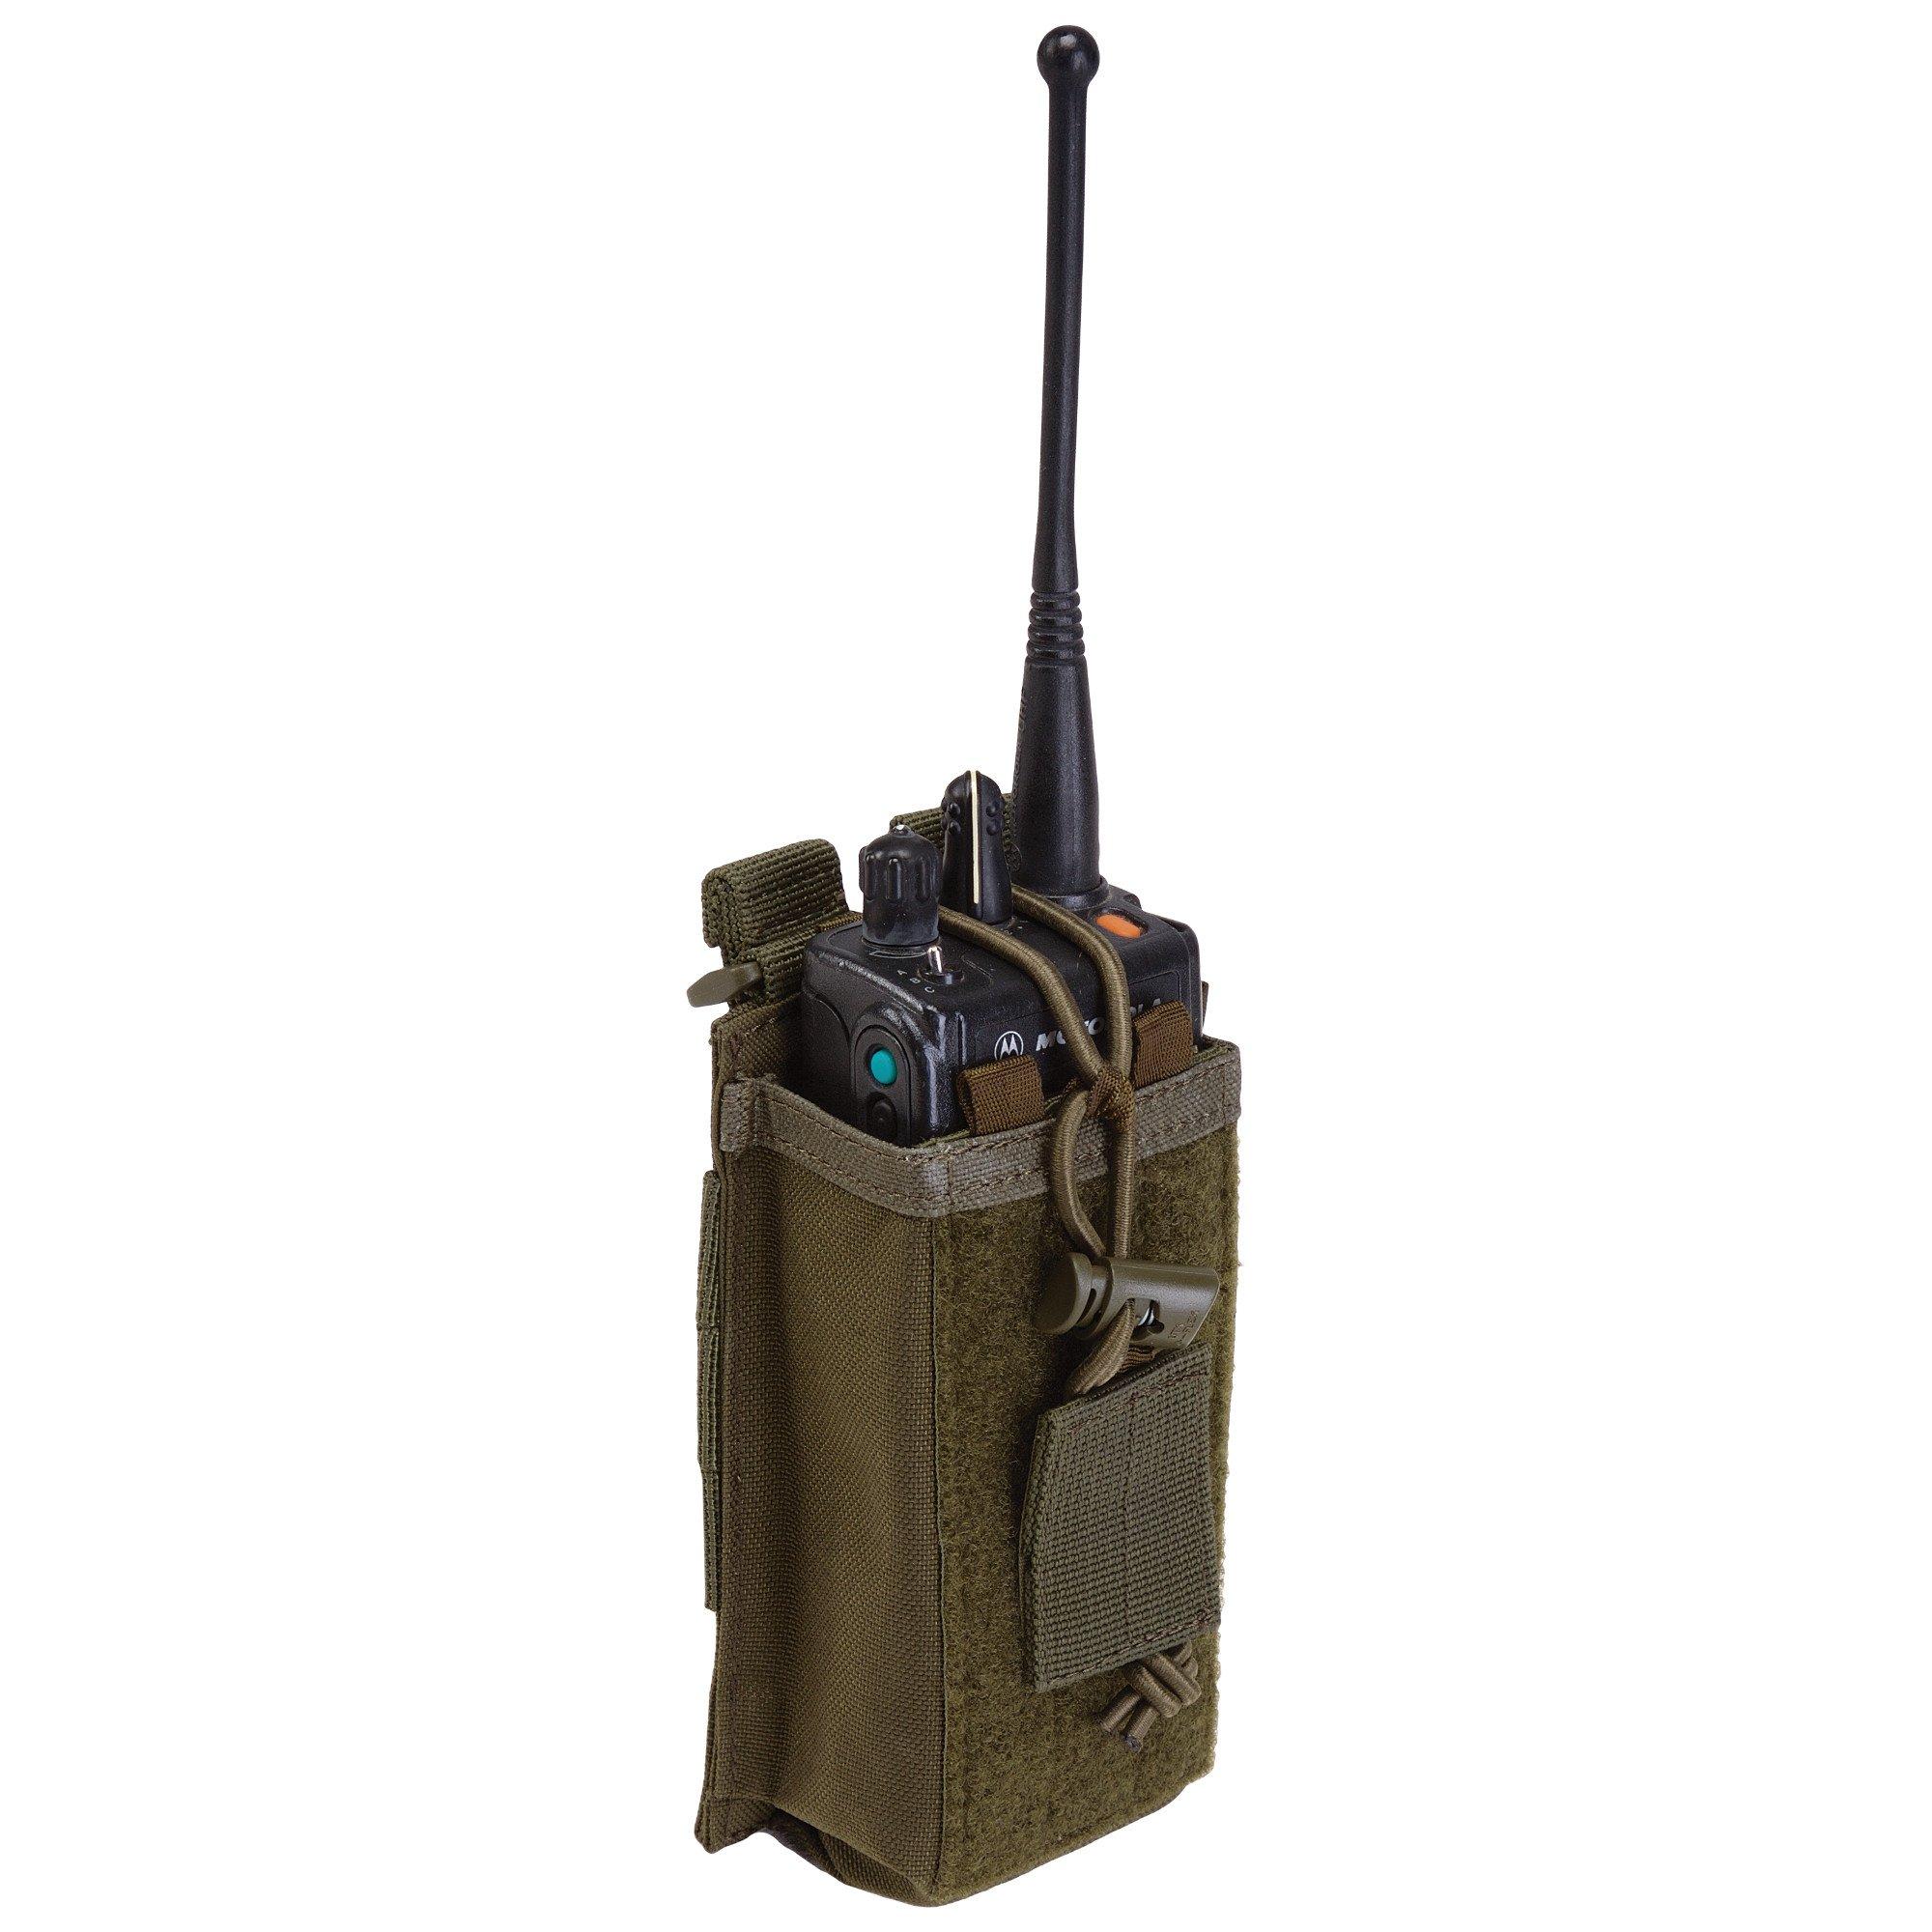 RADIO POUCH – Tac OD